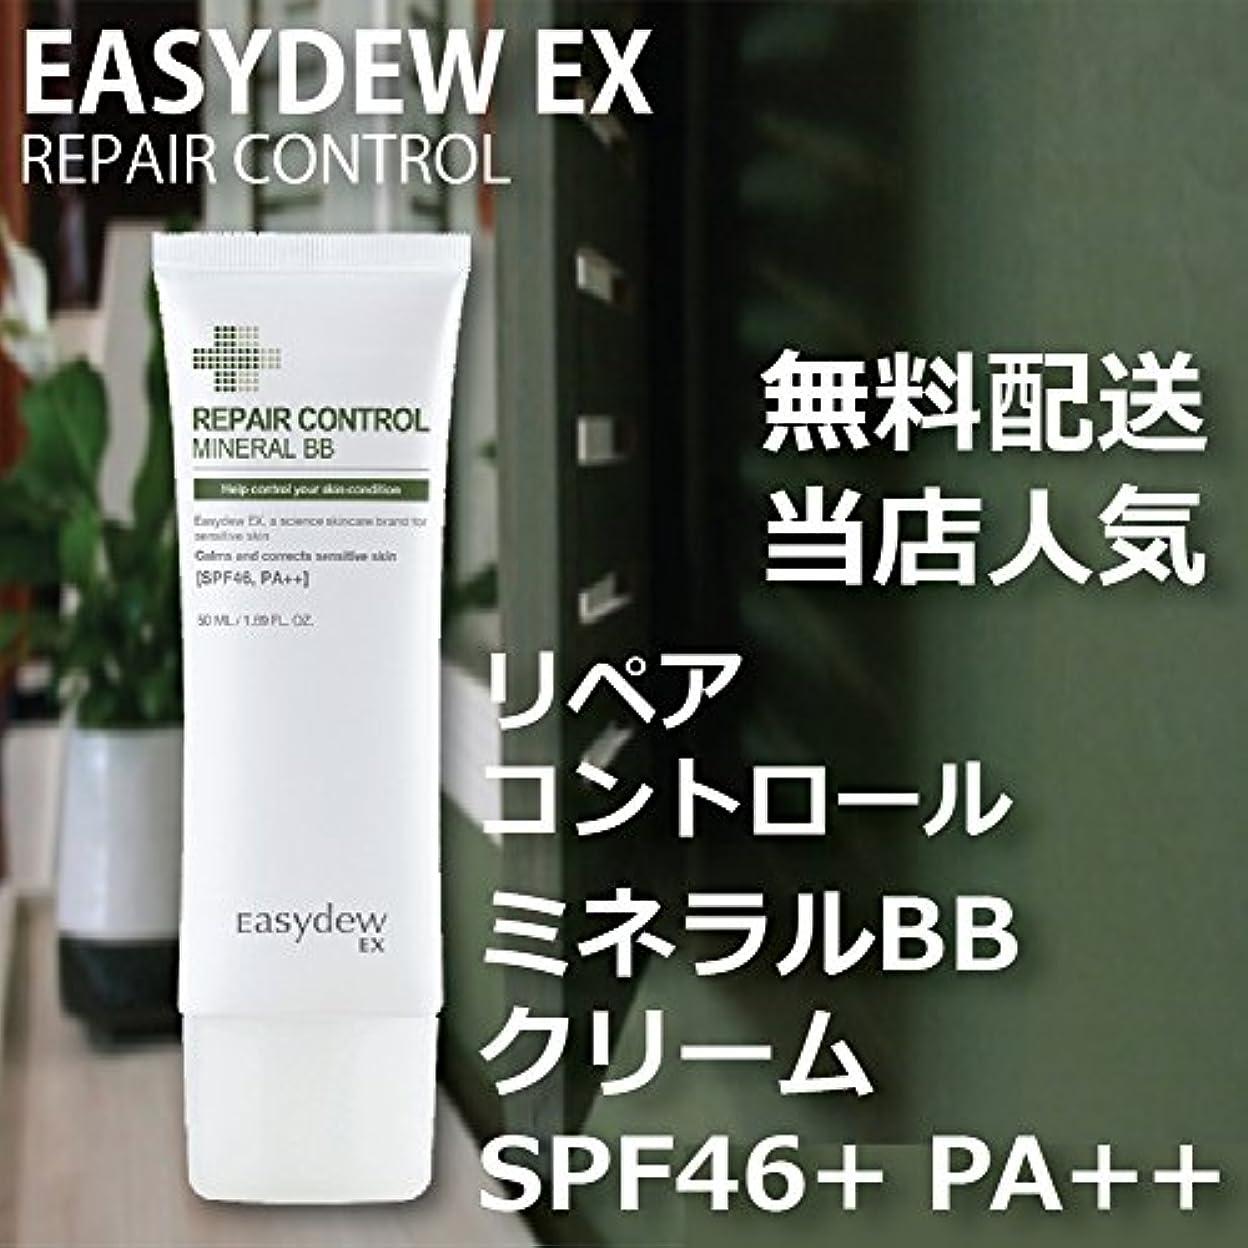 前文識別テクスチャーEASY DEW EX ミネラル BBクリーム SPF46+ PA++ 50ml MINRAL BB CREAM 韓国 人気 コスメ イージーデュー 敏感 乾燥 美白 しわ 3重機能性